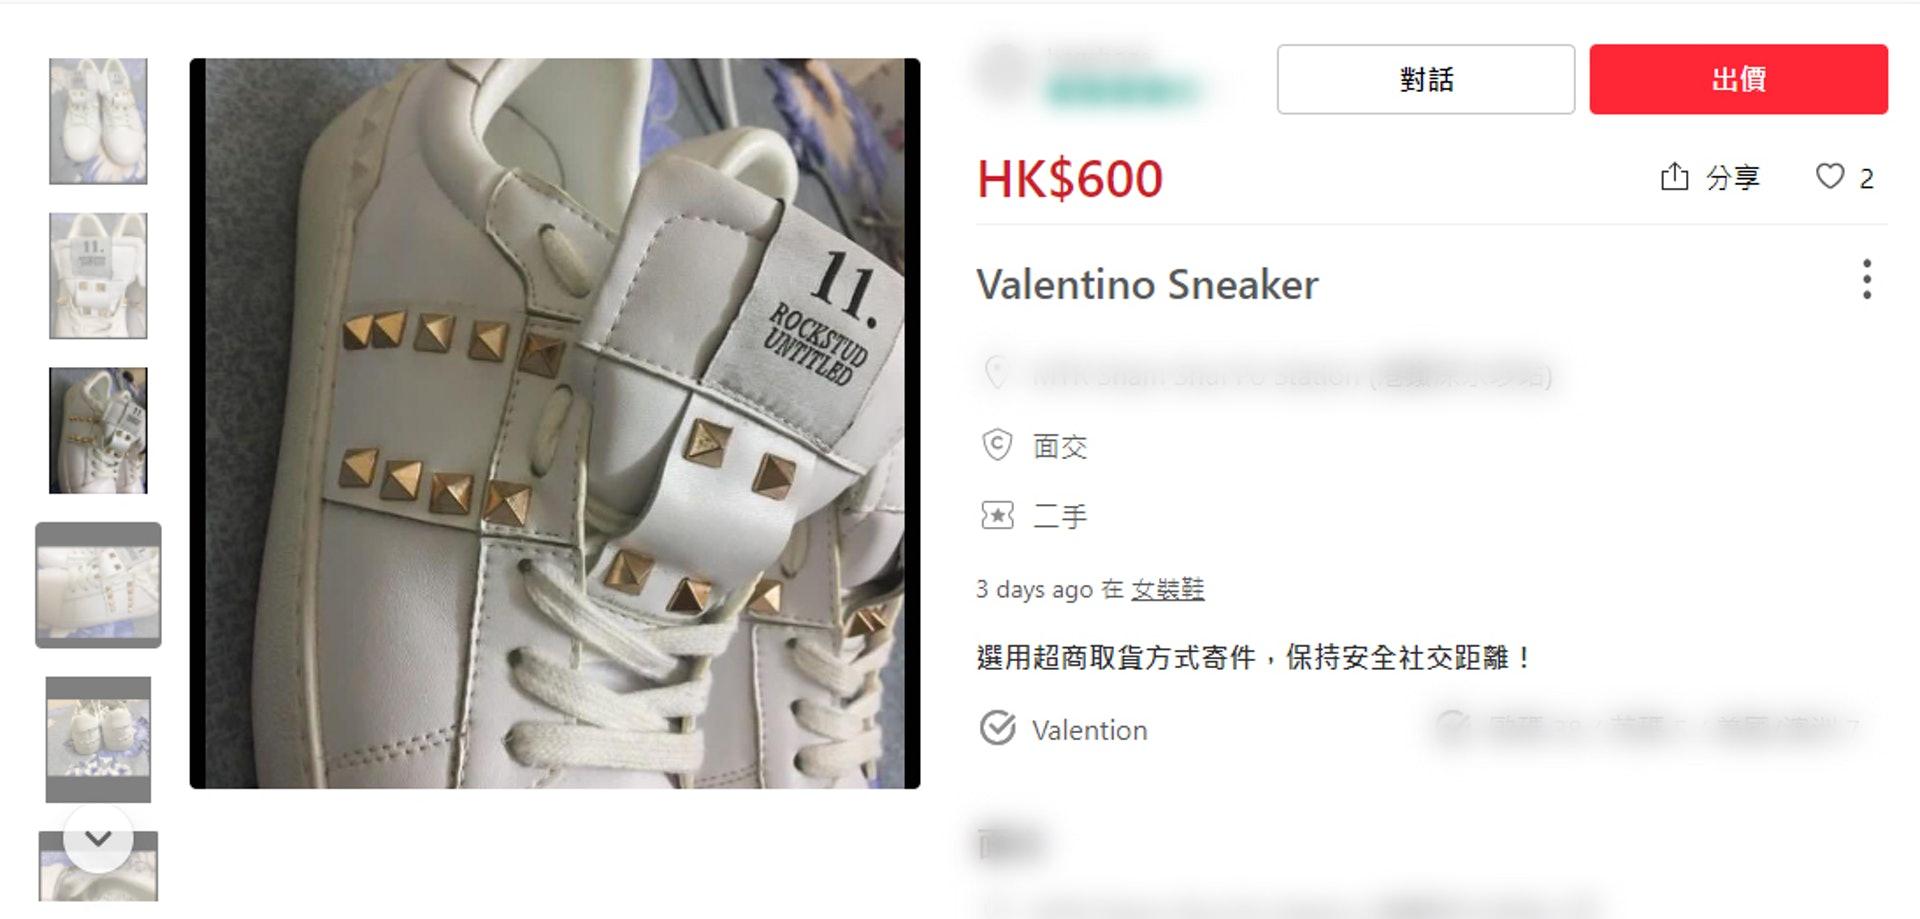 在Carousell亦見到其他賣家發售Valentino各類鞋子,其中一對同款不同色的新淨波鞋,開價600元。(Carousell截圖)